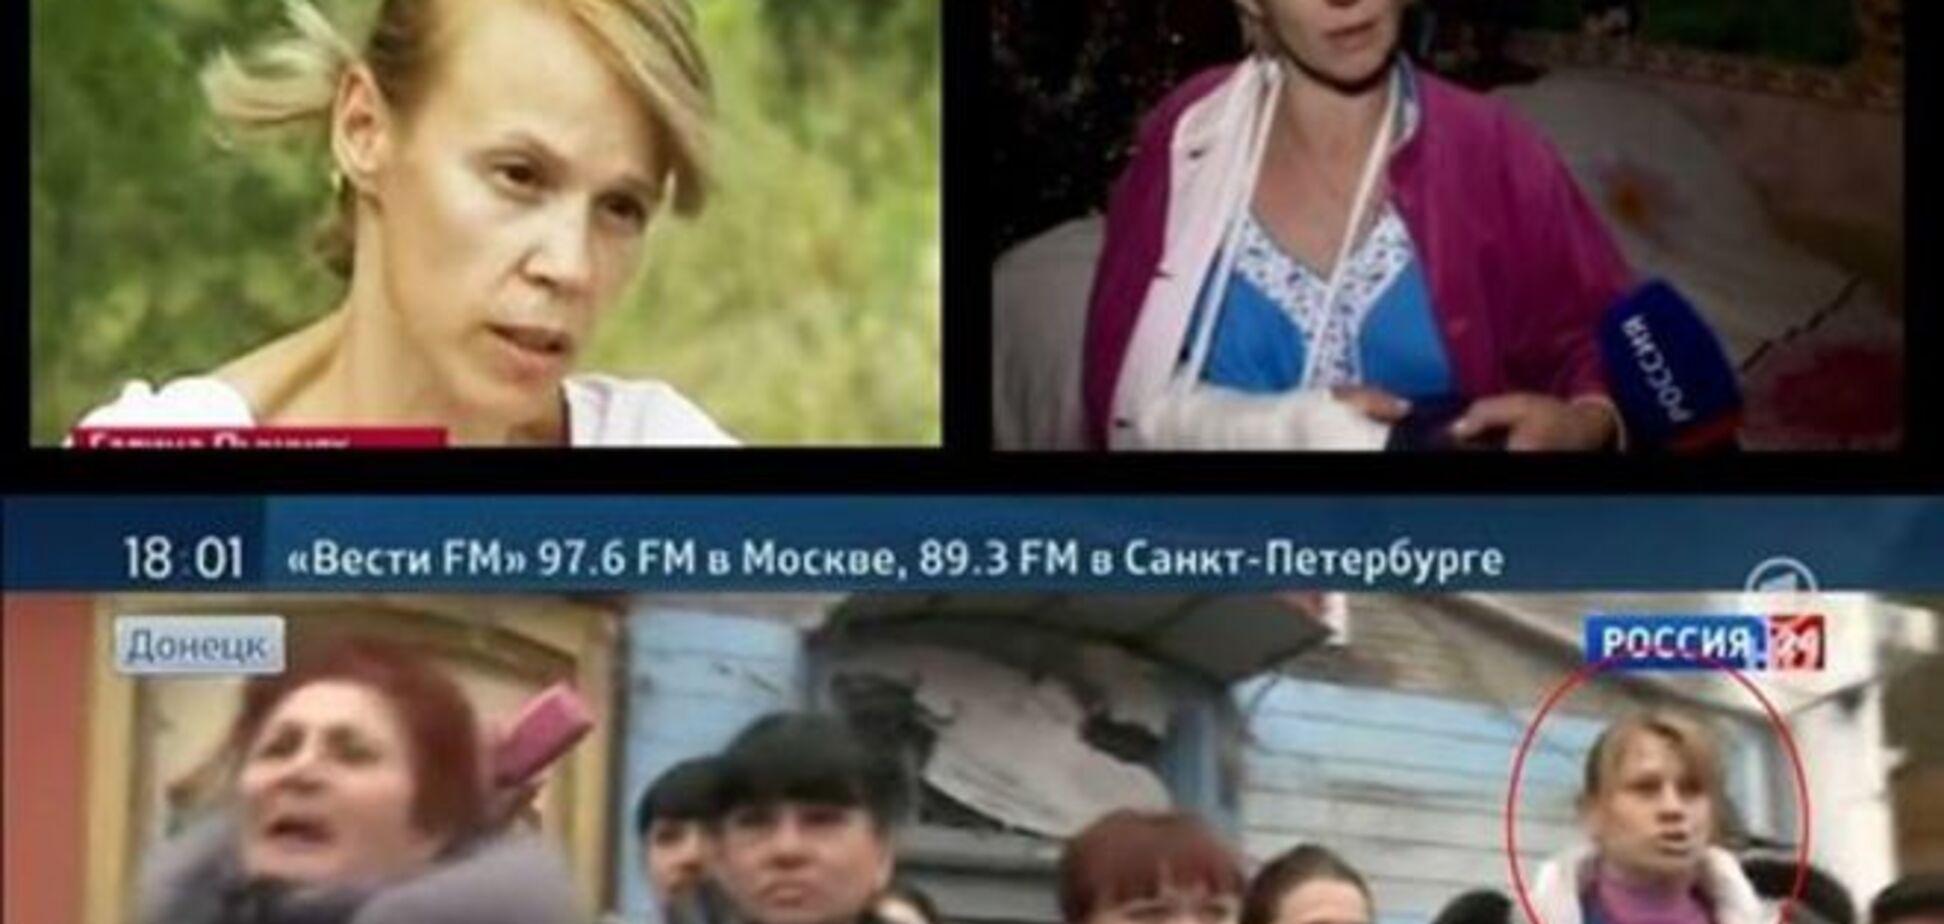 Героиня сюжета о 'распятом мальчике' засветилась среди 'жертв' взрыва в Донецке - соцсети